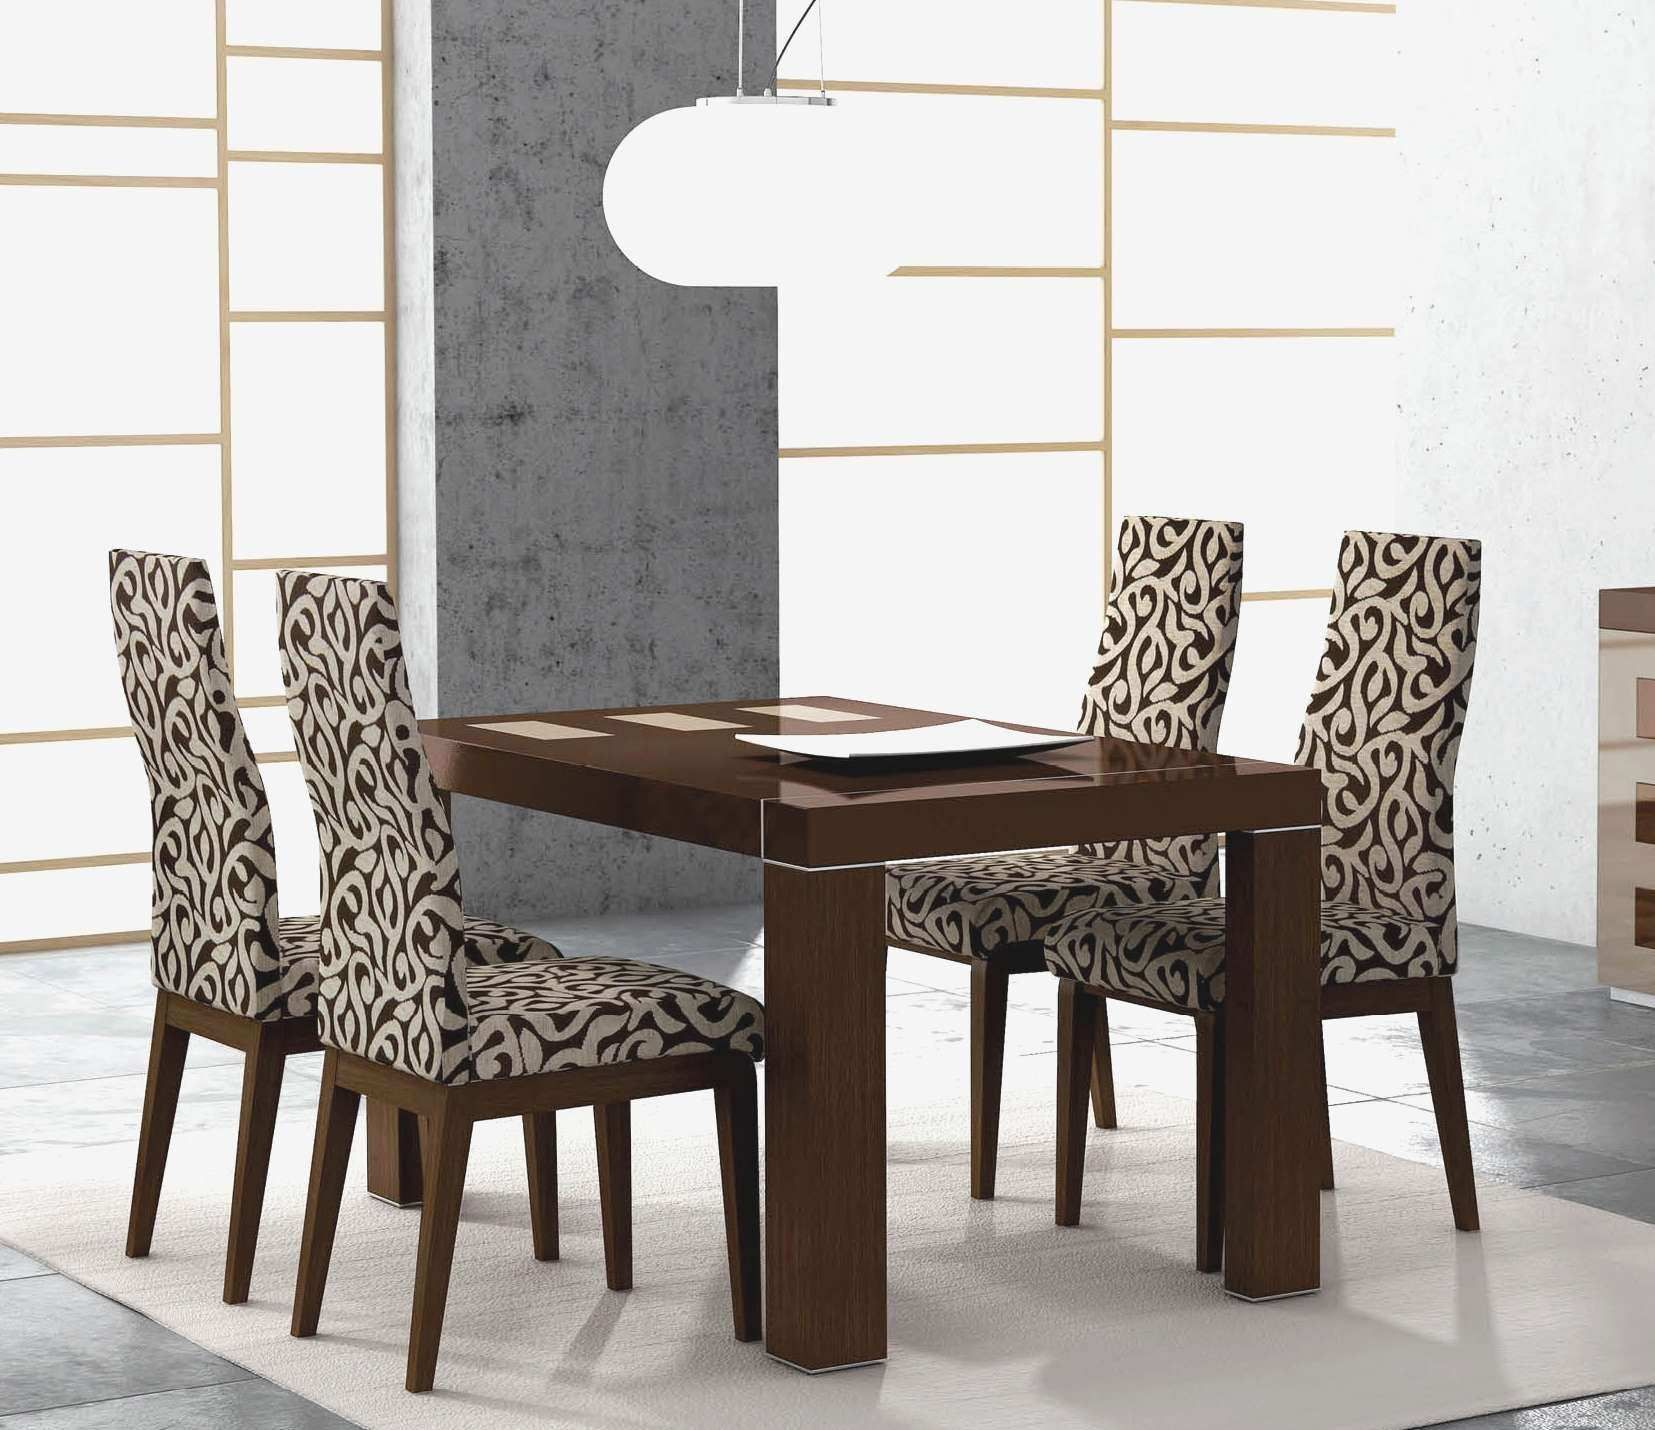 25 Interessante Stuhlen Um Sie In Die Erstaunliche Design